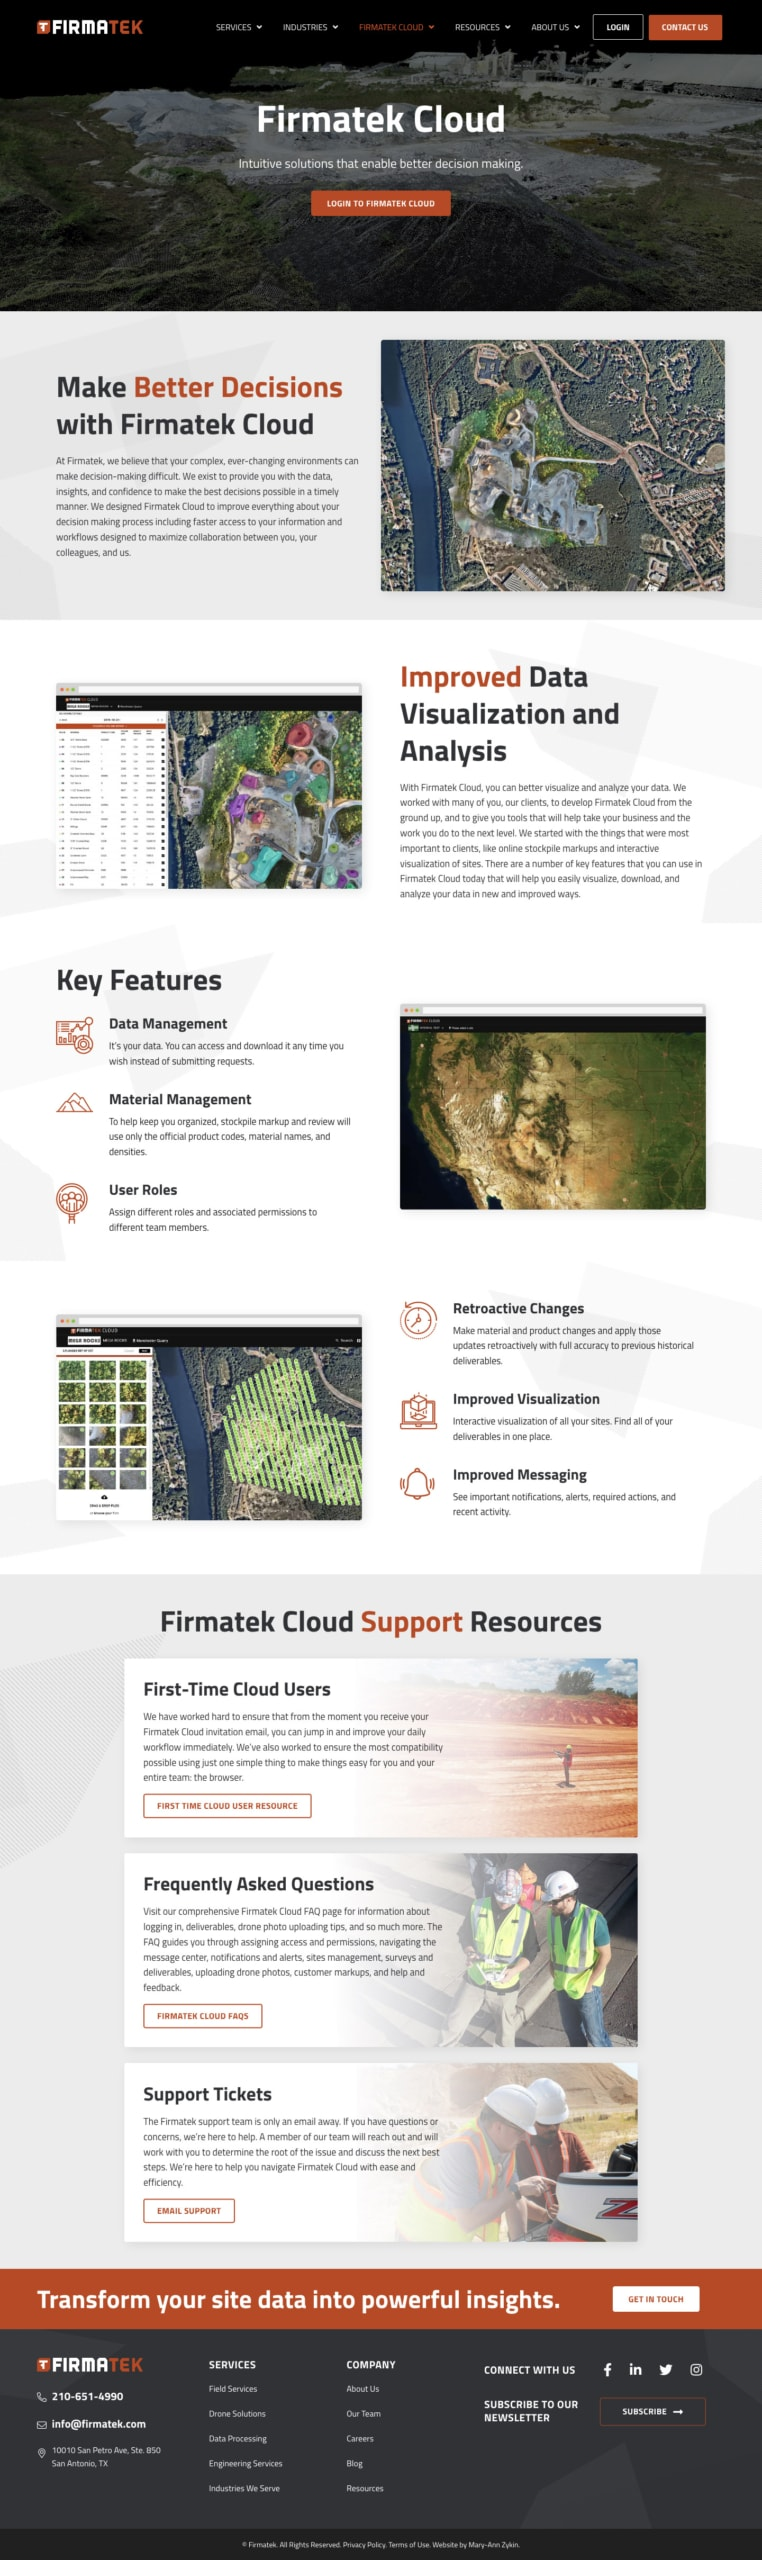 Firmatek Cloud Info Page